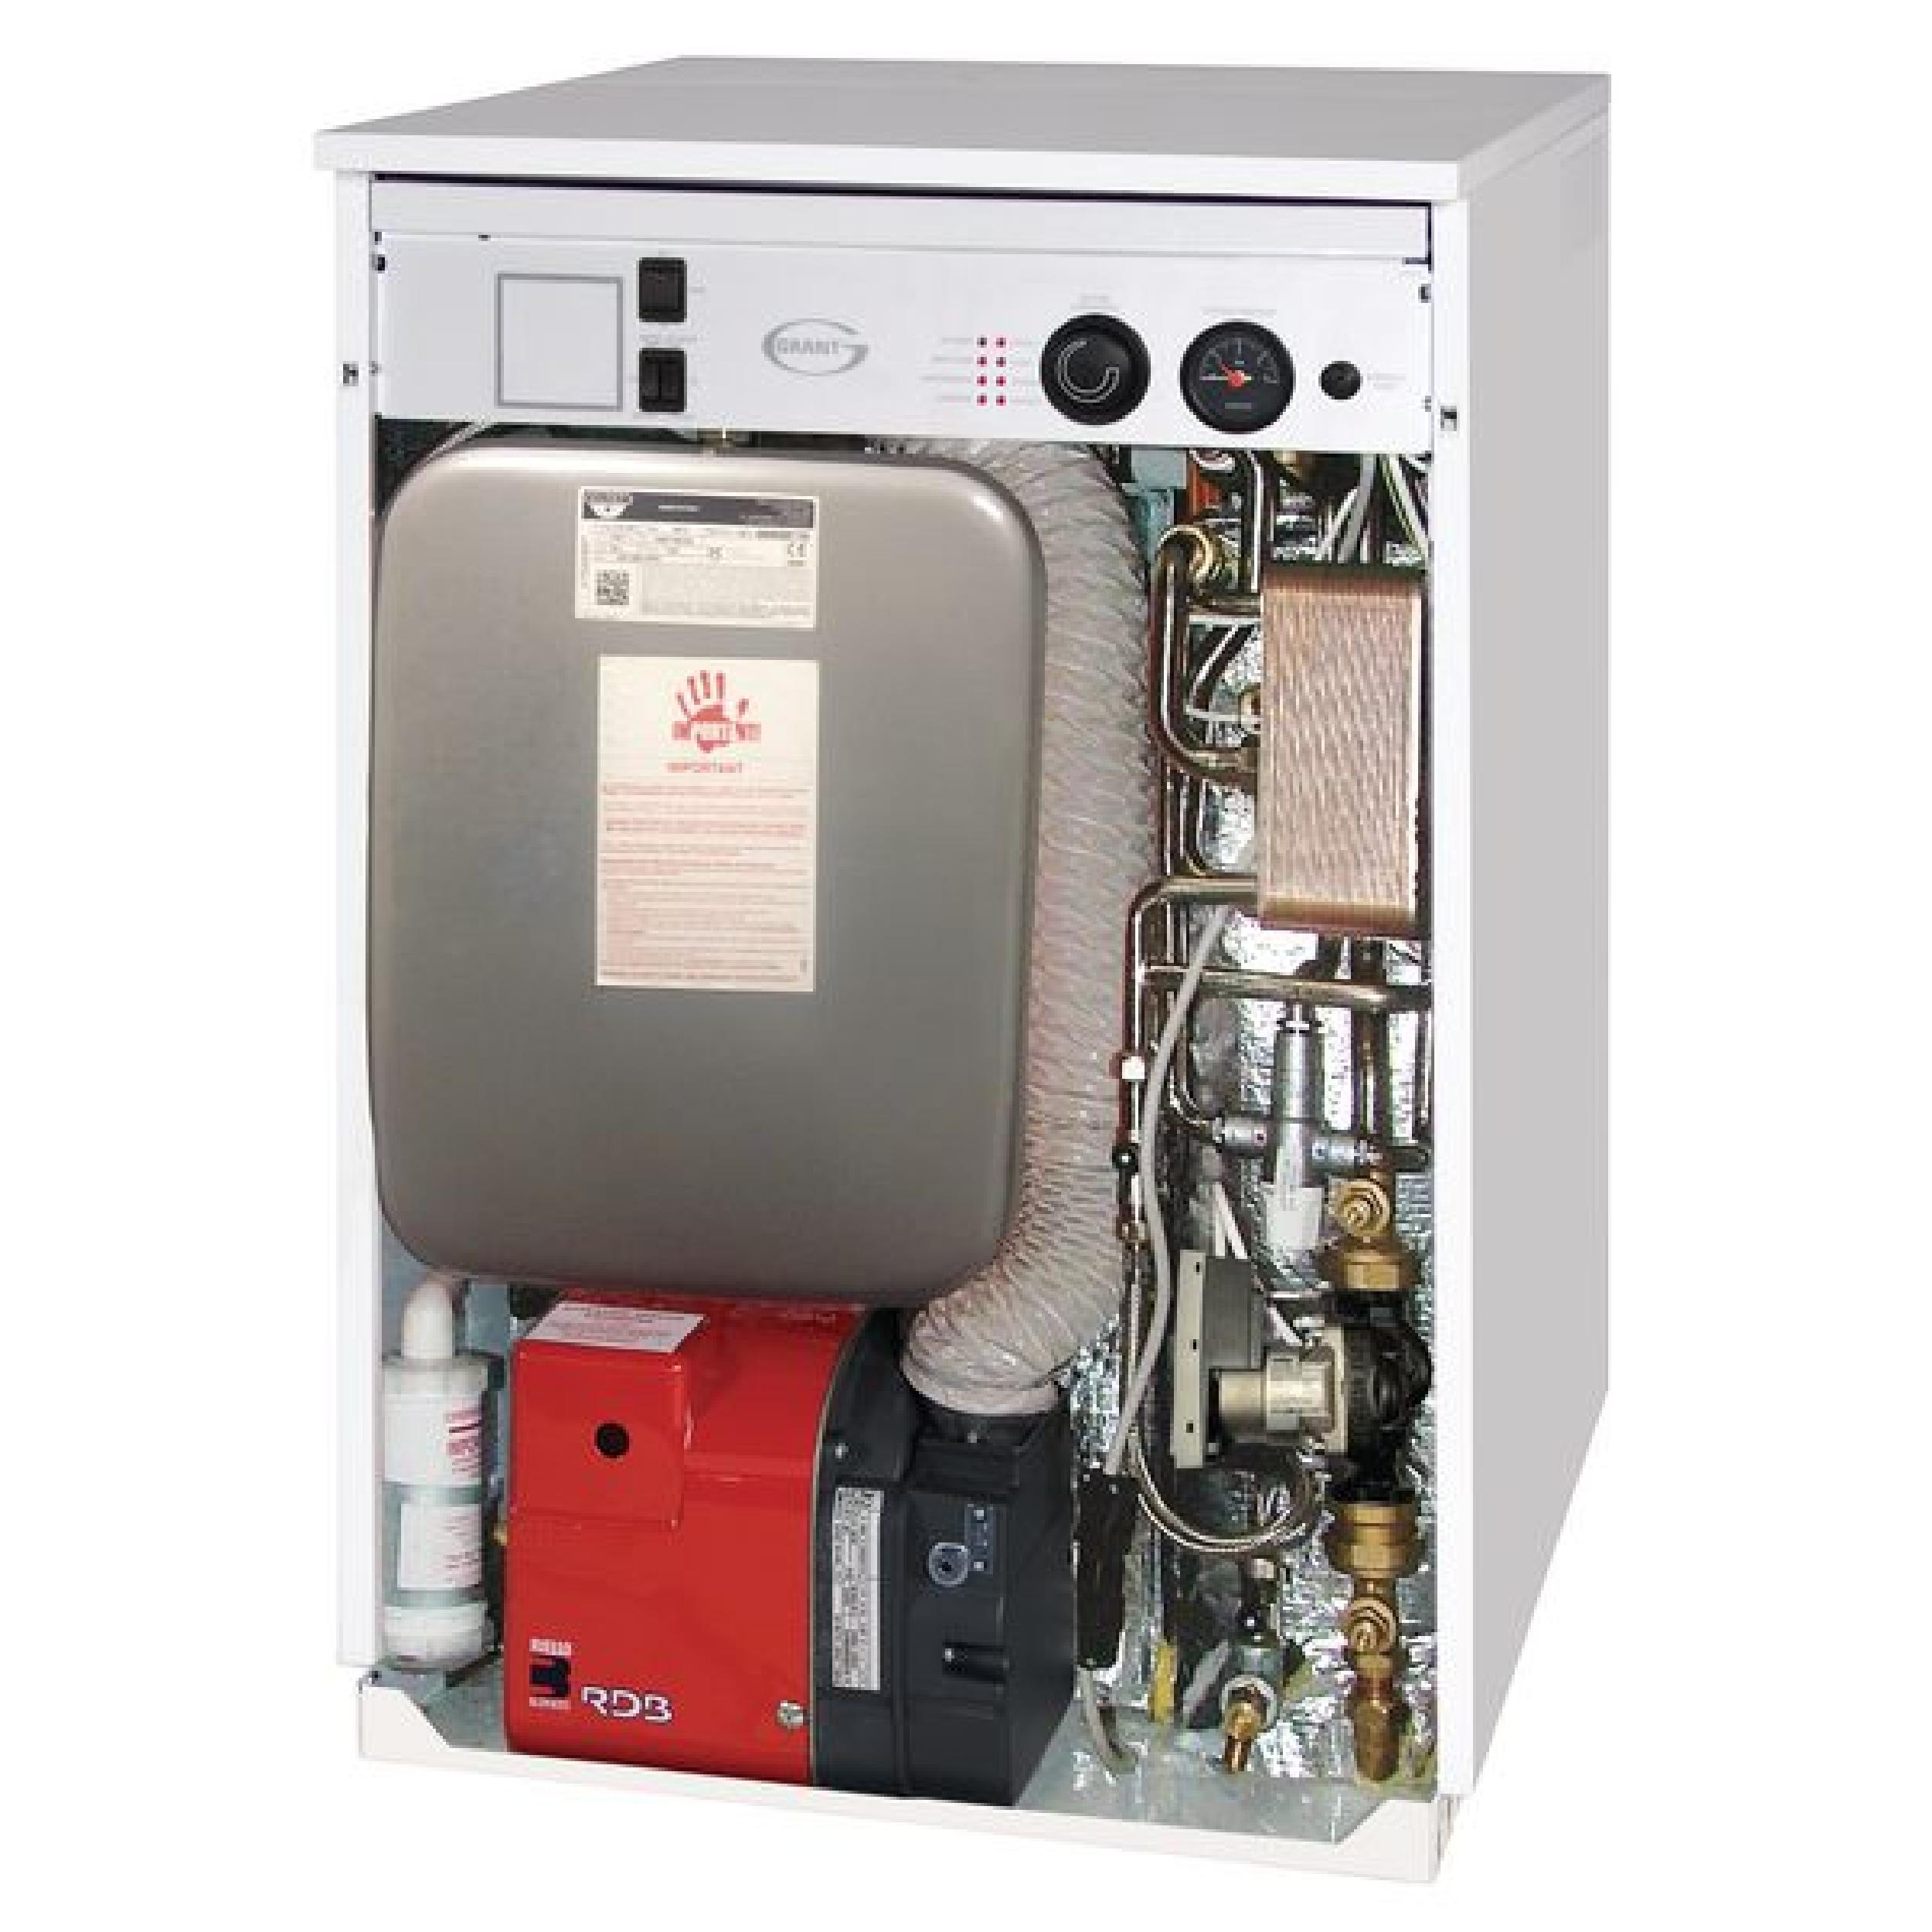 Grant Vortex Pro 26HE ErP High Efficiency Outdoor Combi Oil Boiler ...